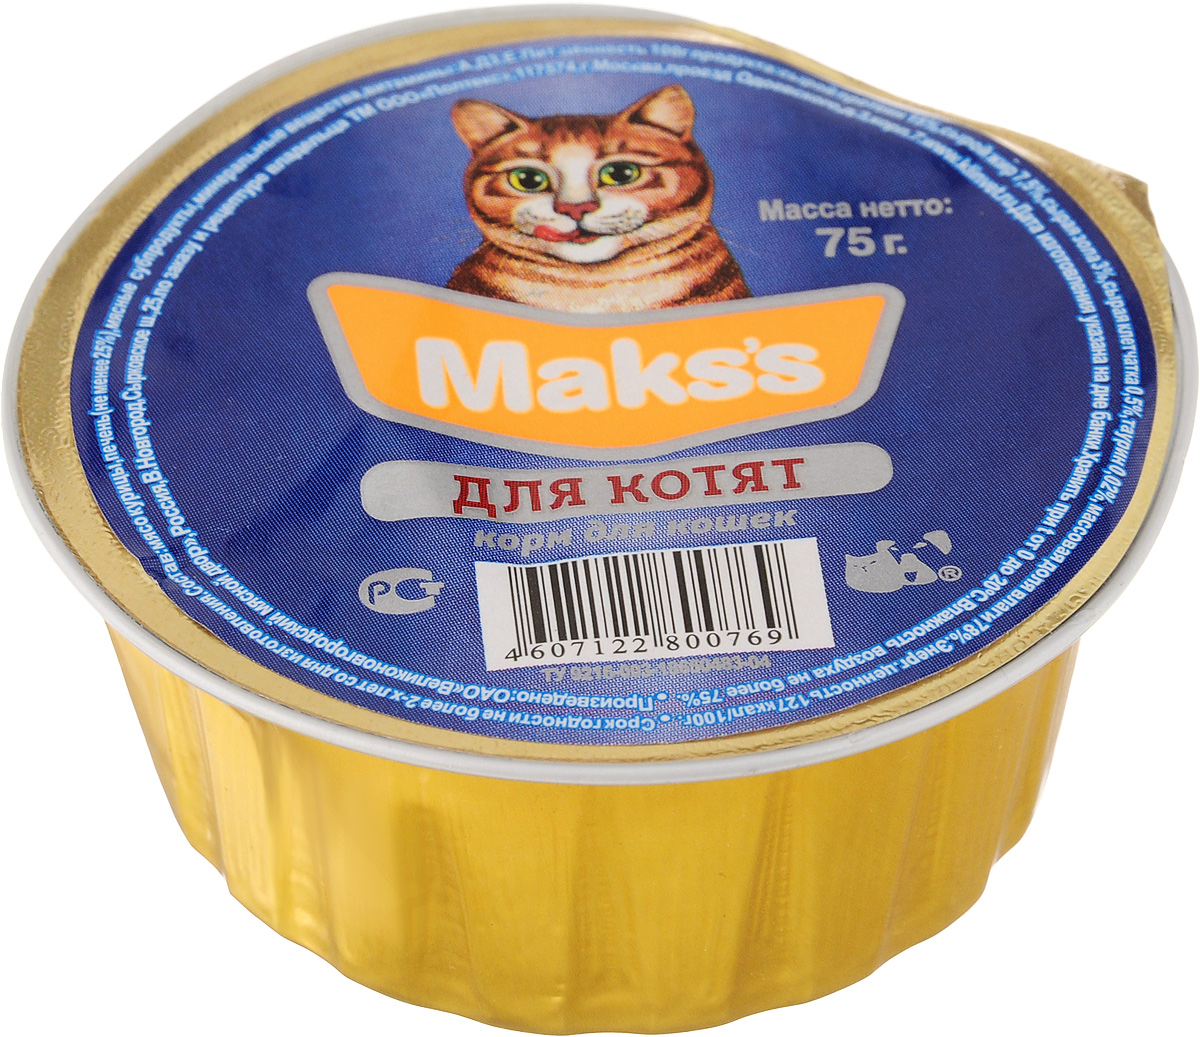 Консервы для котят Makss, 75 г0769Консервированный корм Makss - это сбалансированное и полнорационное питание для котят, которое обеспечит вашего питомца необходимыми белками, жирами,витаминами и микроэлементами.Состав корма идеально подходит для кормления котенка. Удобная одноразовая упаковка сохраняет корм свежим и позволяет контролировать порцию потребления.Состав: курица, печень (не менее 25%), мясные субпродукты, печень, минеральные вещества, витамины А, D3, Е.Питательная ценность 100 г продукта: протеин 15%, жир 7,5%, зола 3%, клетчатка 0,5%, таурин 0,02%, массовая доля влаги 78%.Товар сертифицирован.